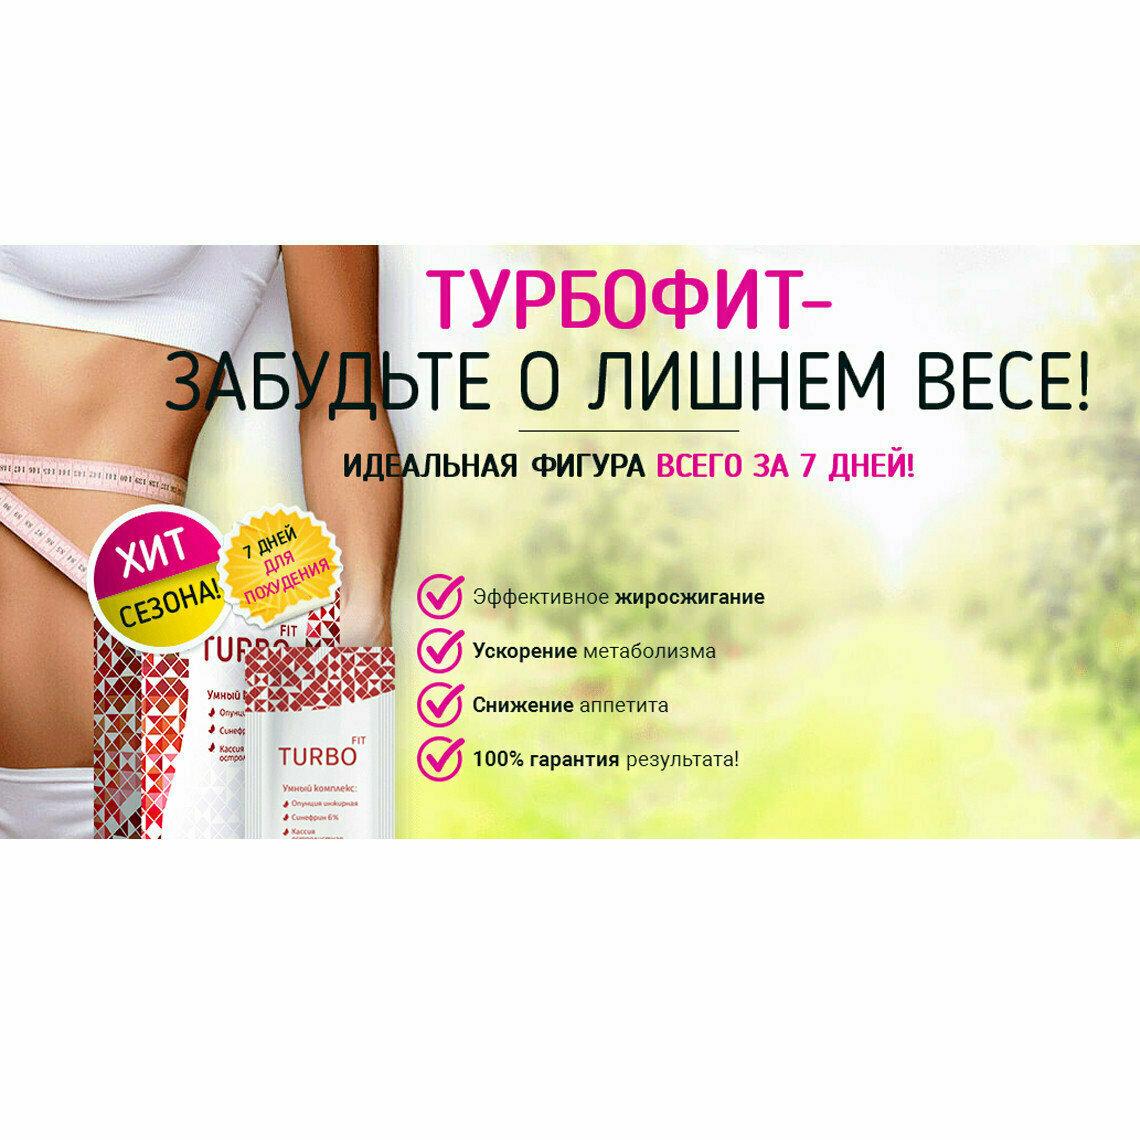 Turbofit для похудения в Бабаеве